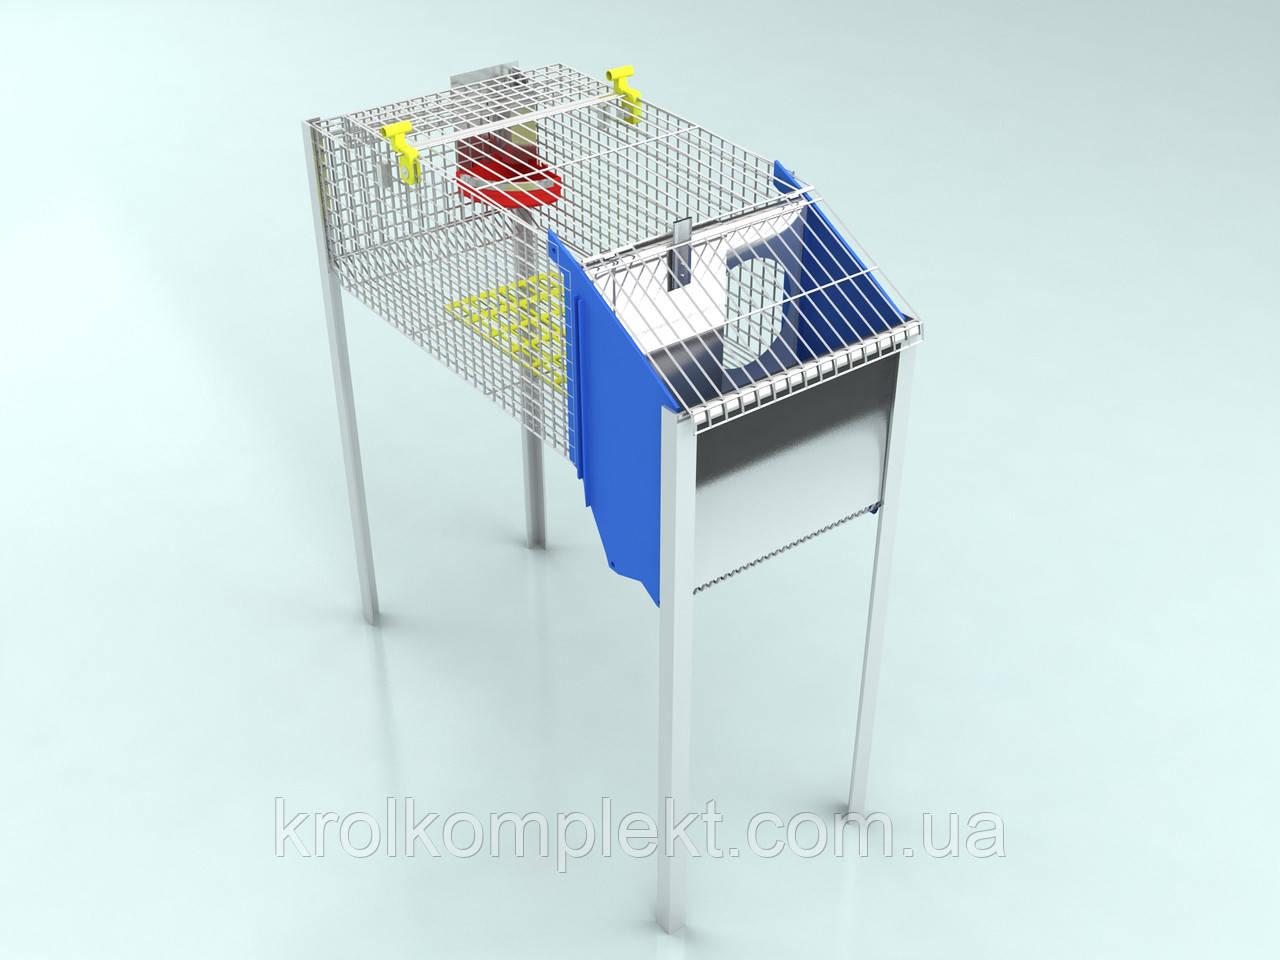 Клетка для кролей маточная  КМ-1С